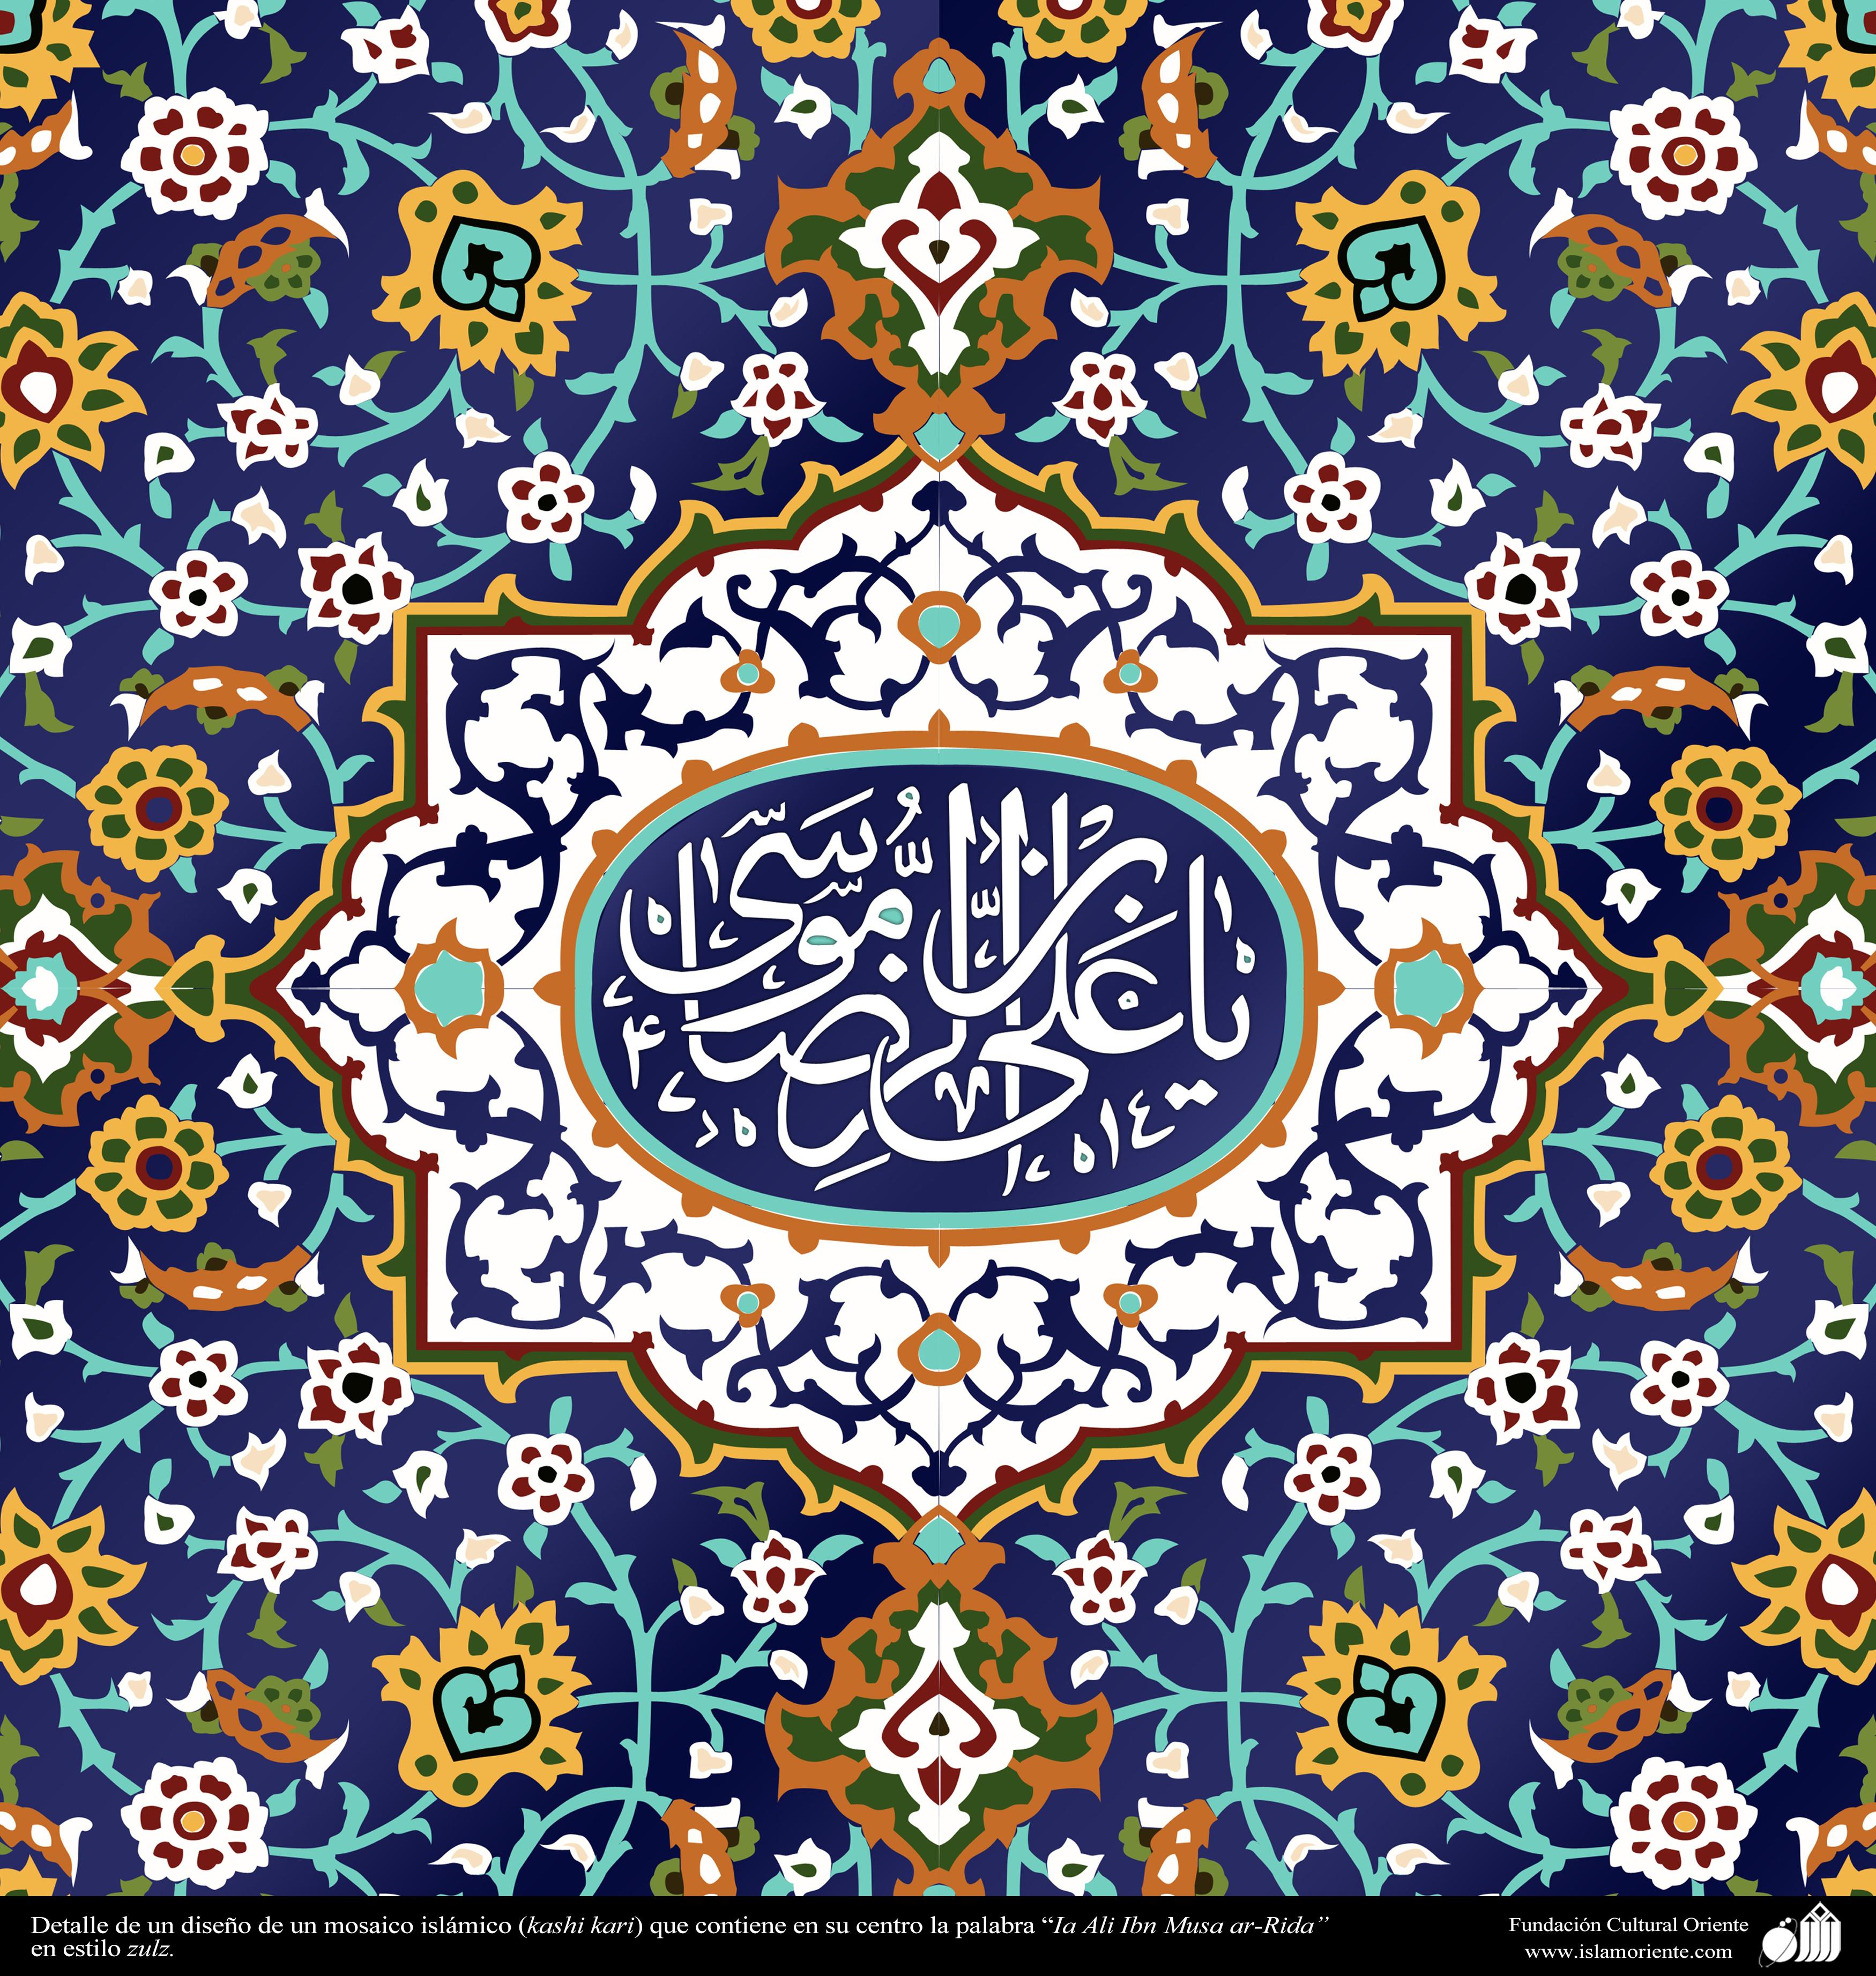 Dise os en mosaico en pinterest mosaicos arte mosaicos for Disenos para mosaicos